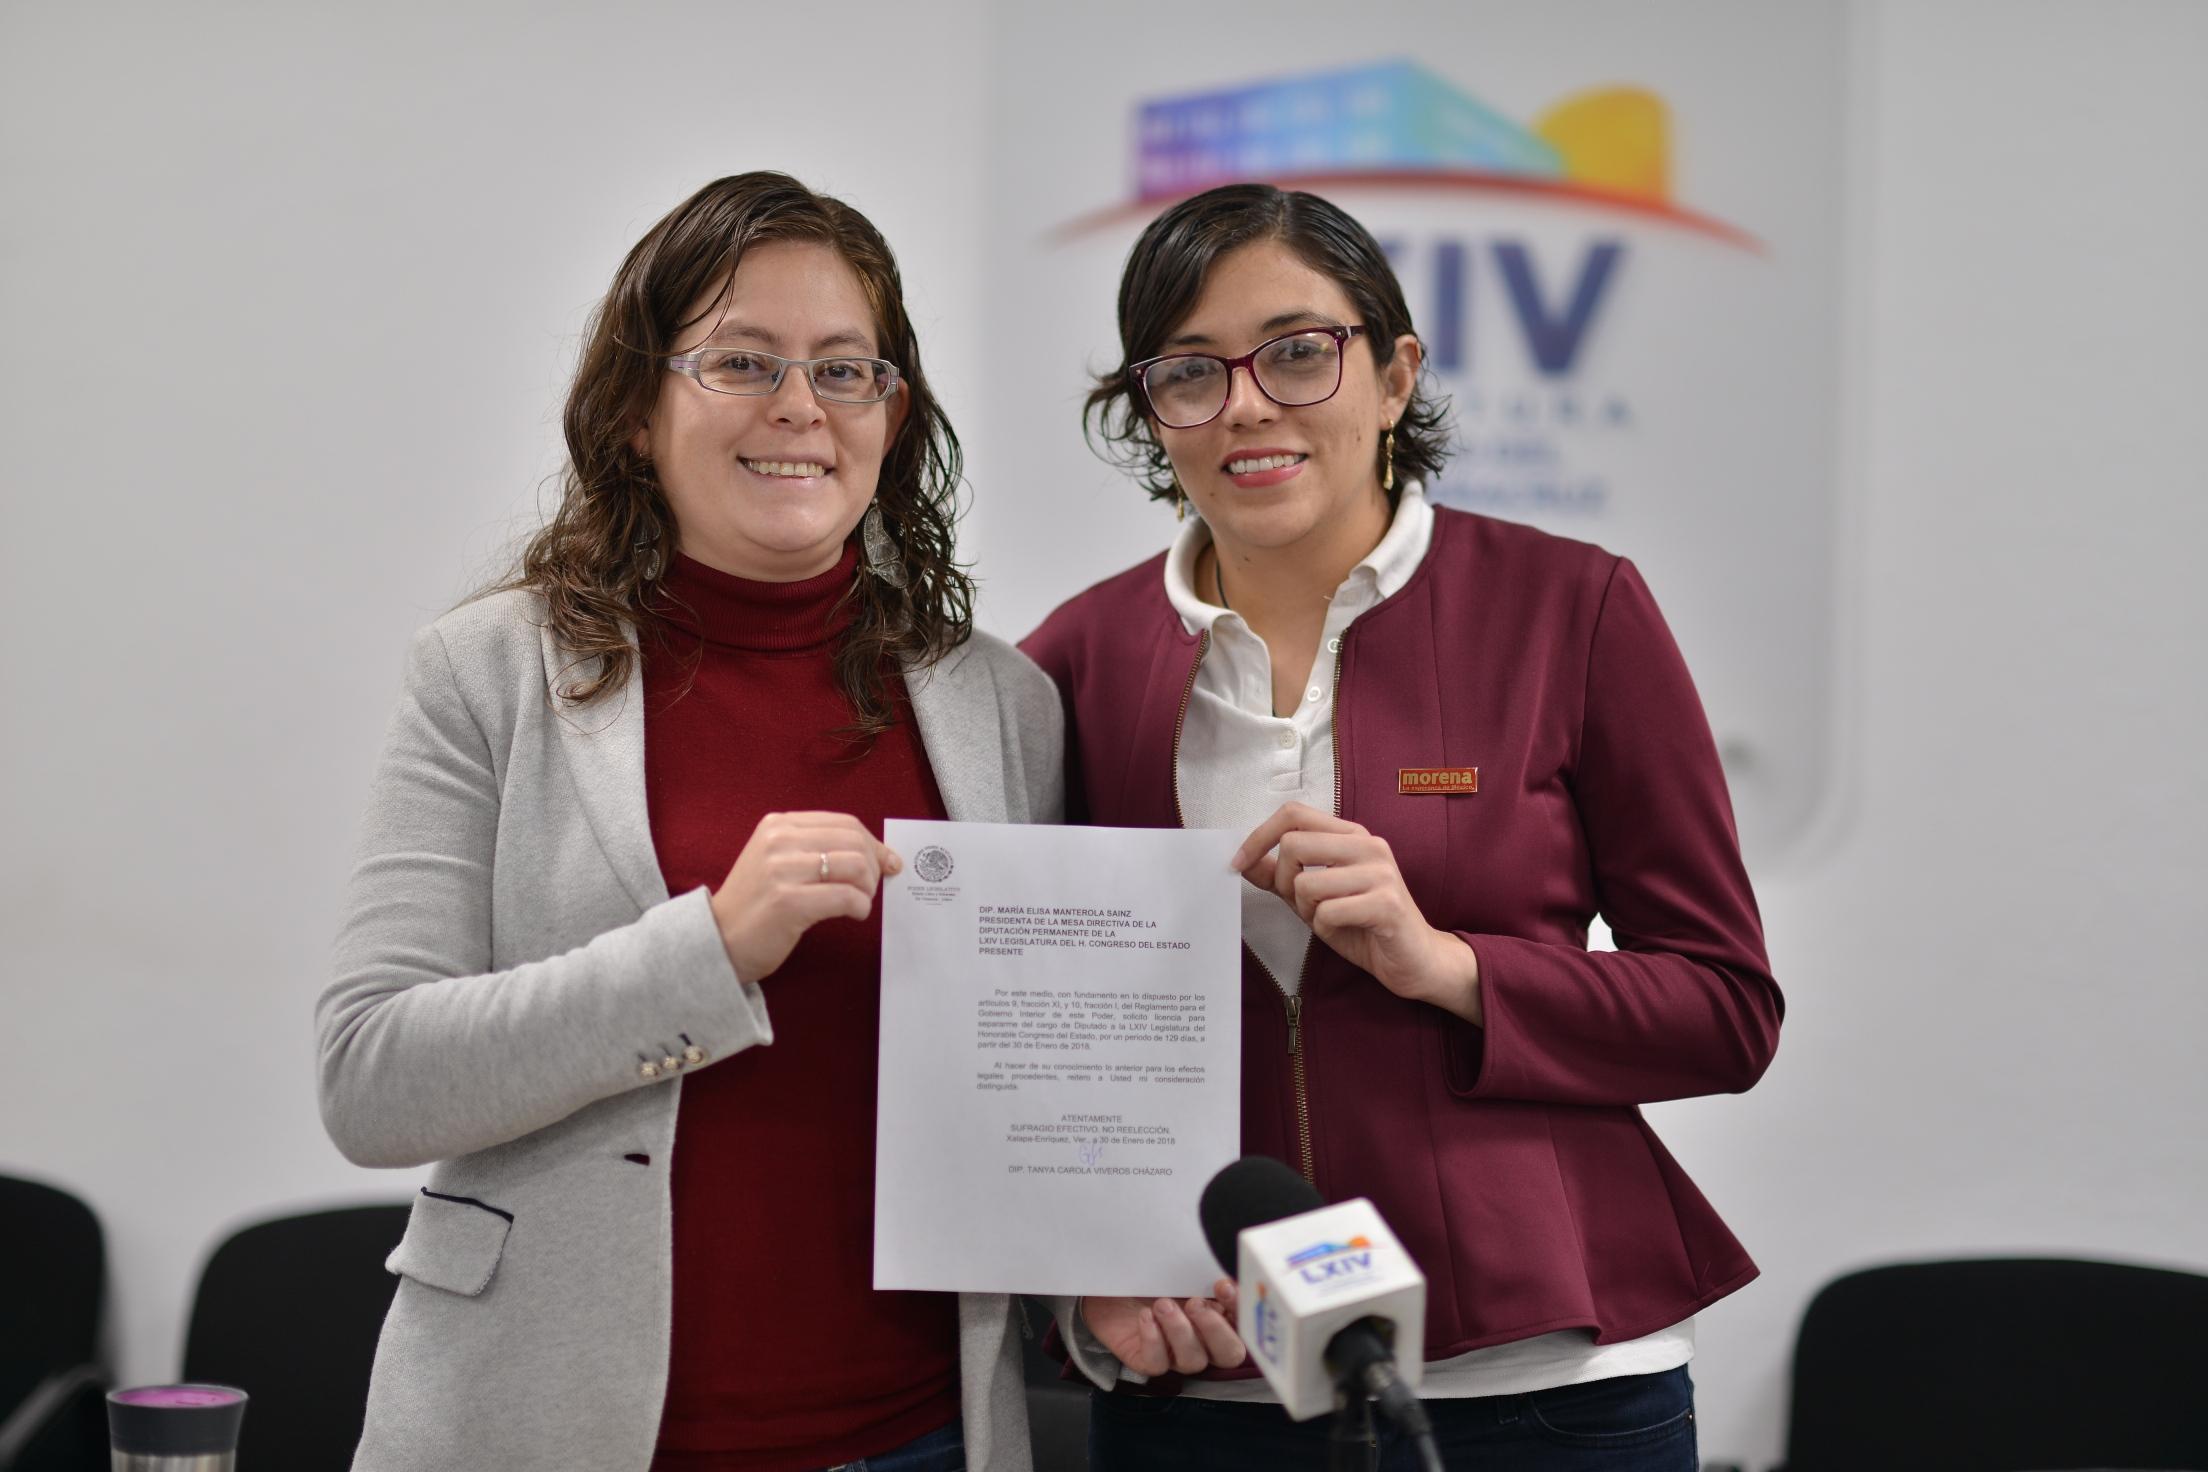 Anuncia Tanya Carola Viveros su separación al cargo de diputada